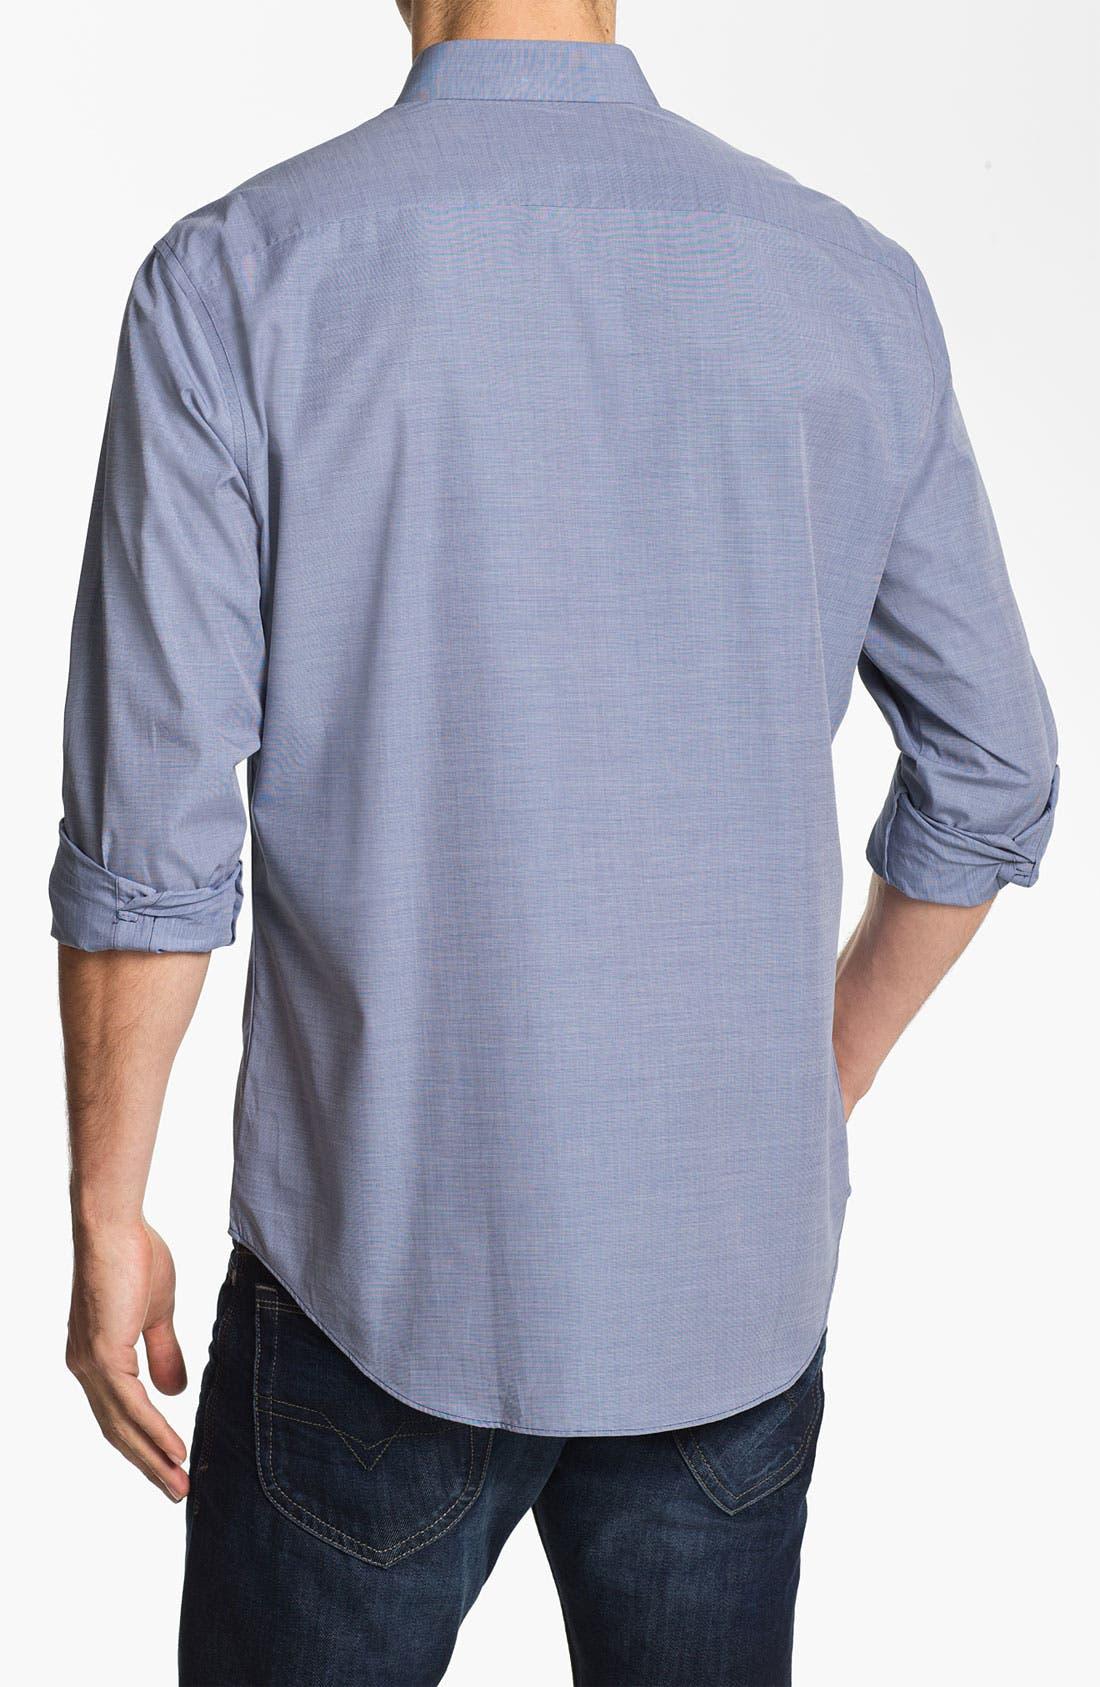 Alternate Image 3  - Zachary Prell 'Iri' Sport Shirt